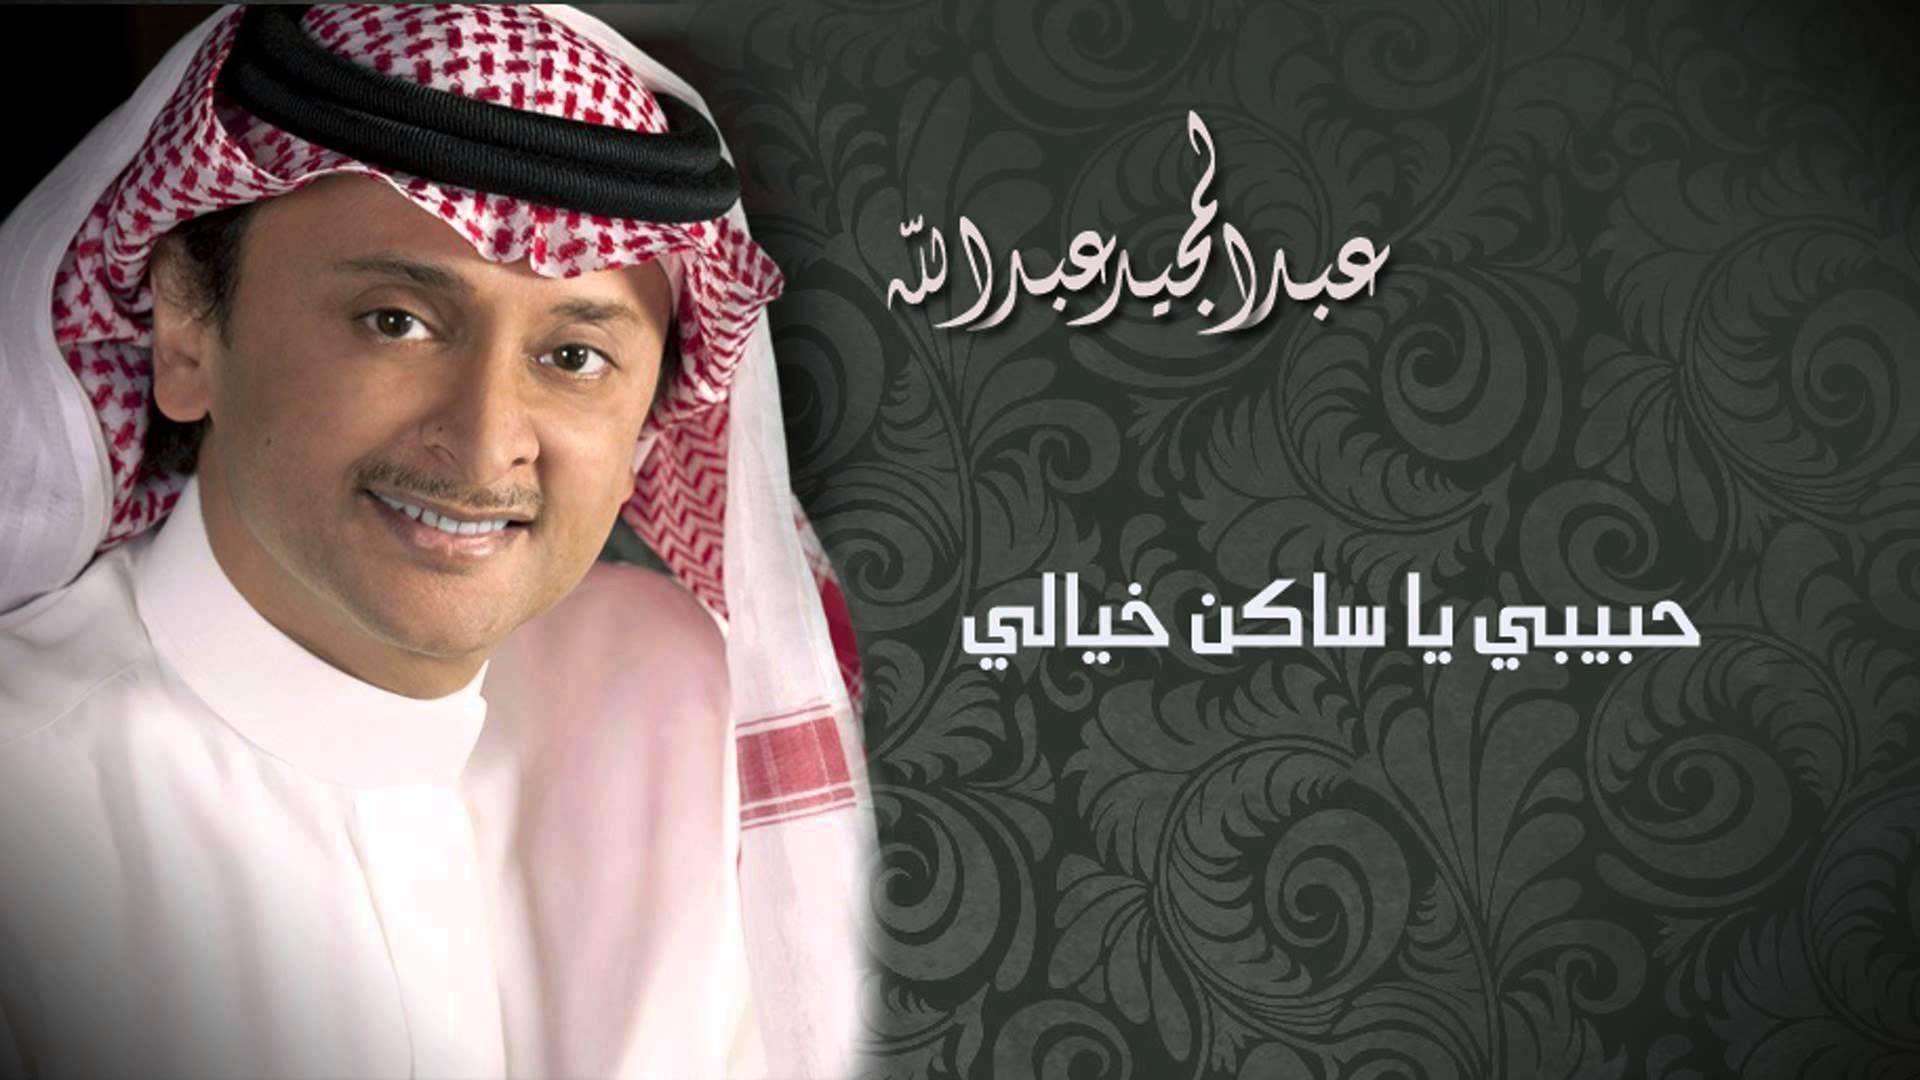 صور عبدالمجيد عبدالله